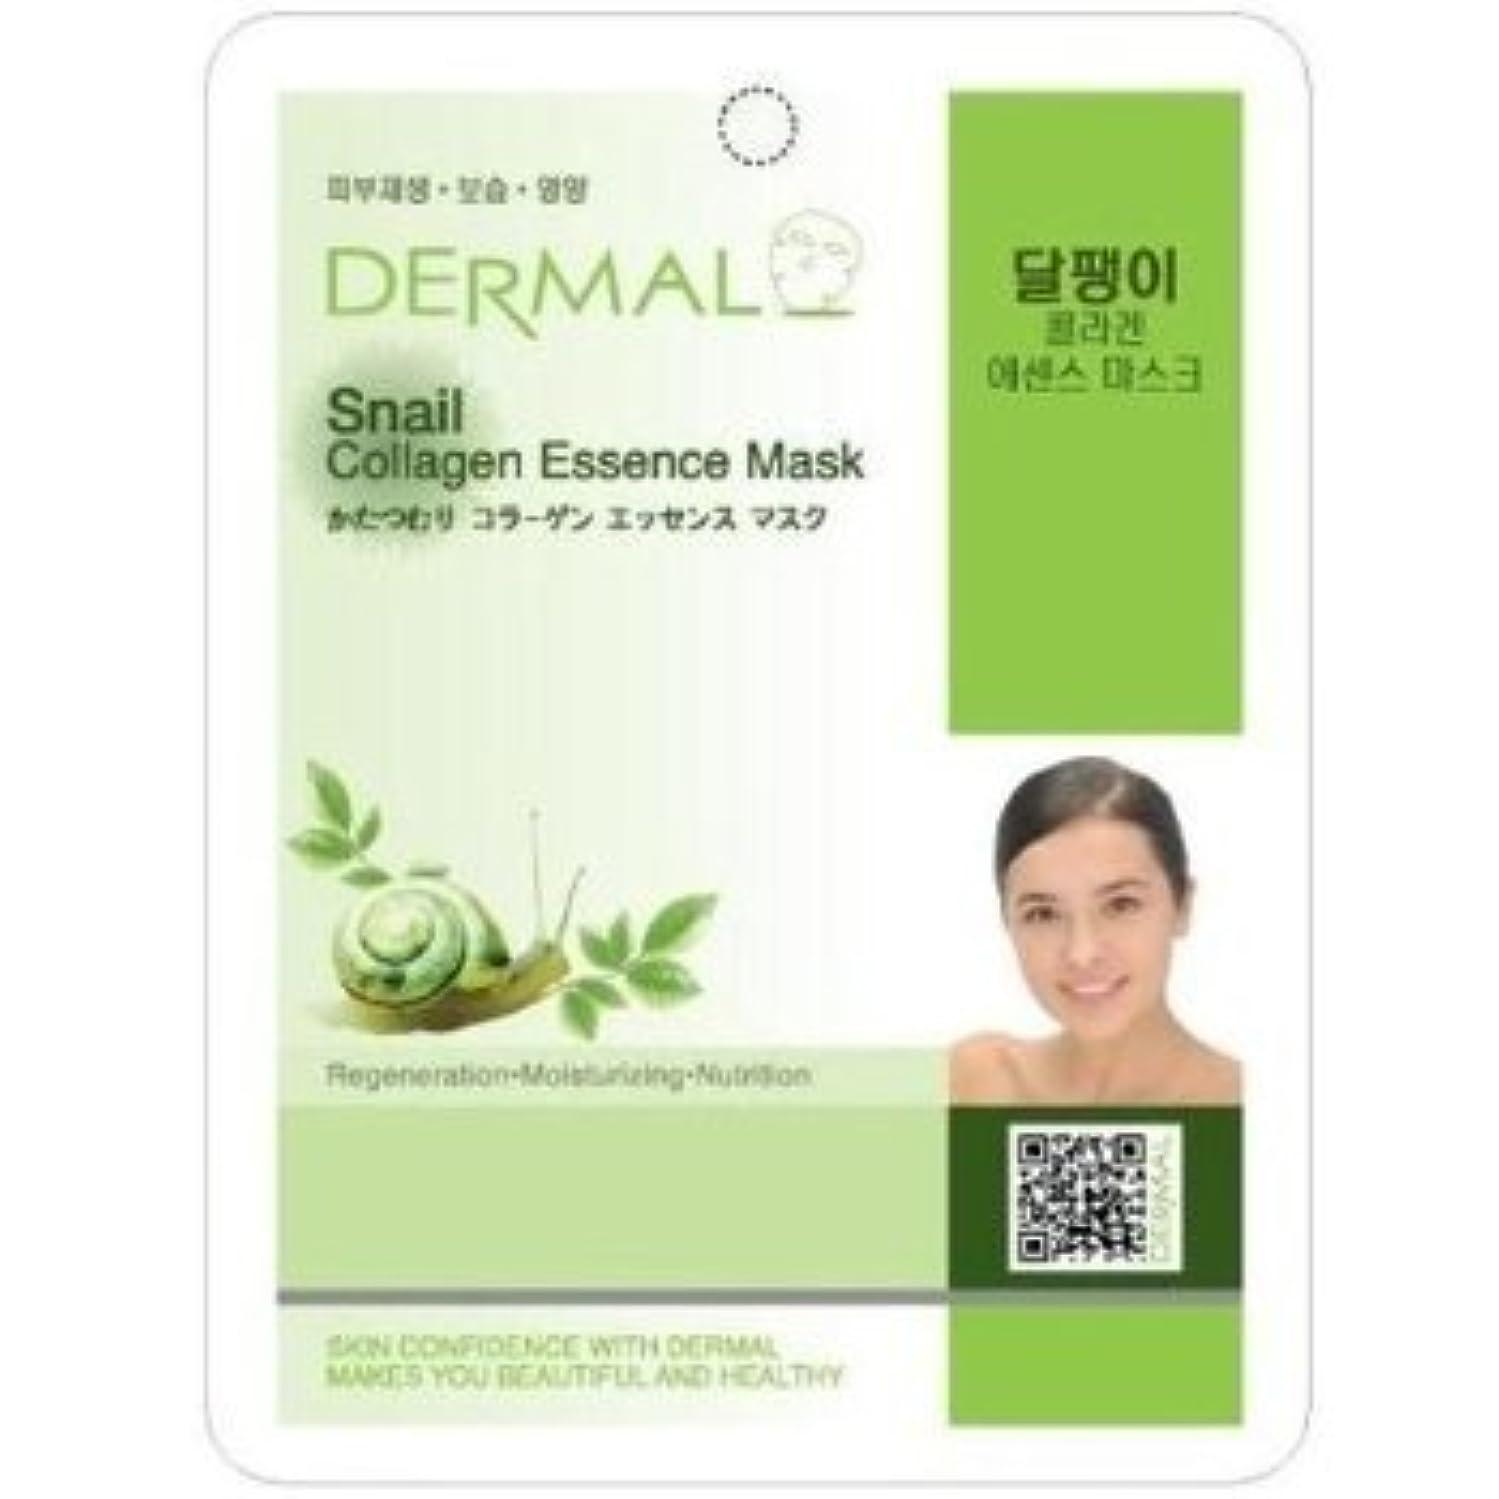 関連付ける忠実な一般Dermal Korea Collagen Essence Full Face Facial Mask Sheet - Snail (100 pcs, 1box)